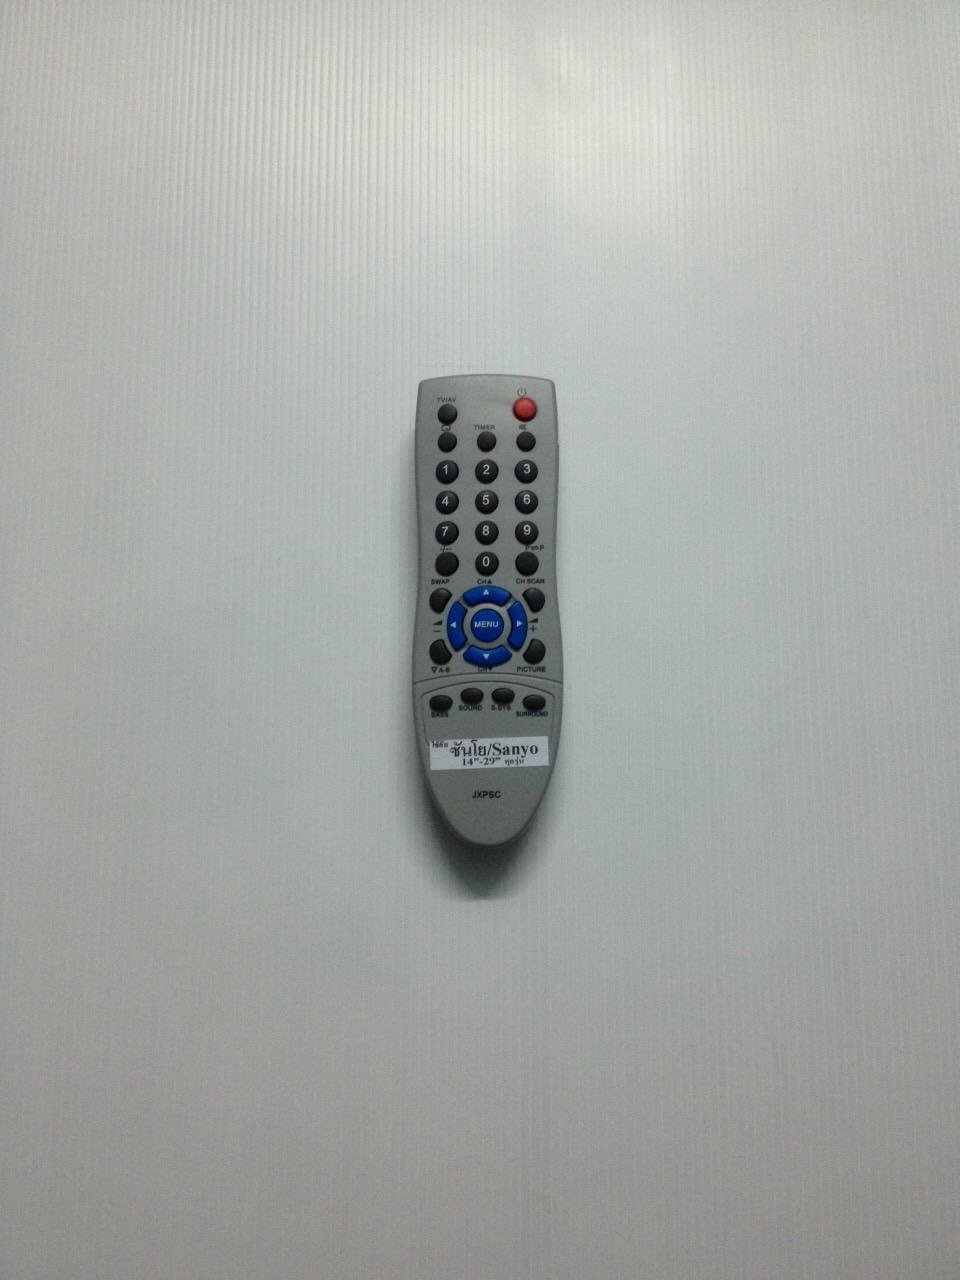 รีโมททีวีซันโยจอแบน sanyo JXPSC